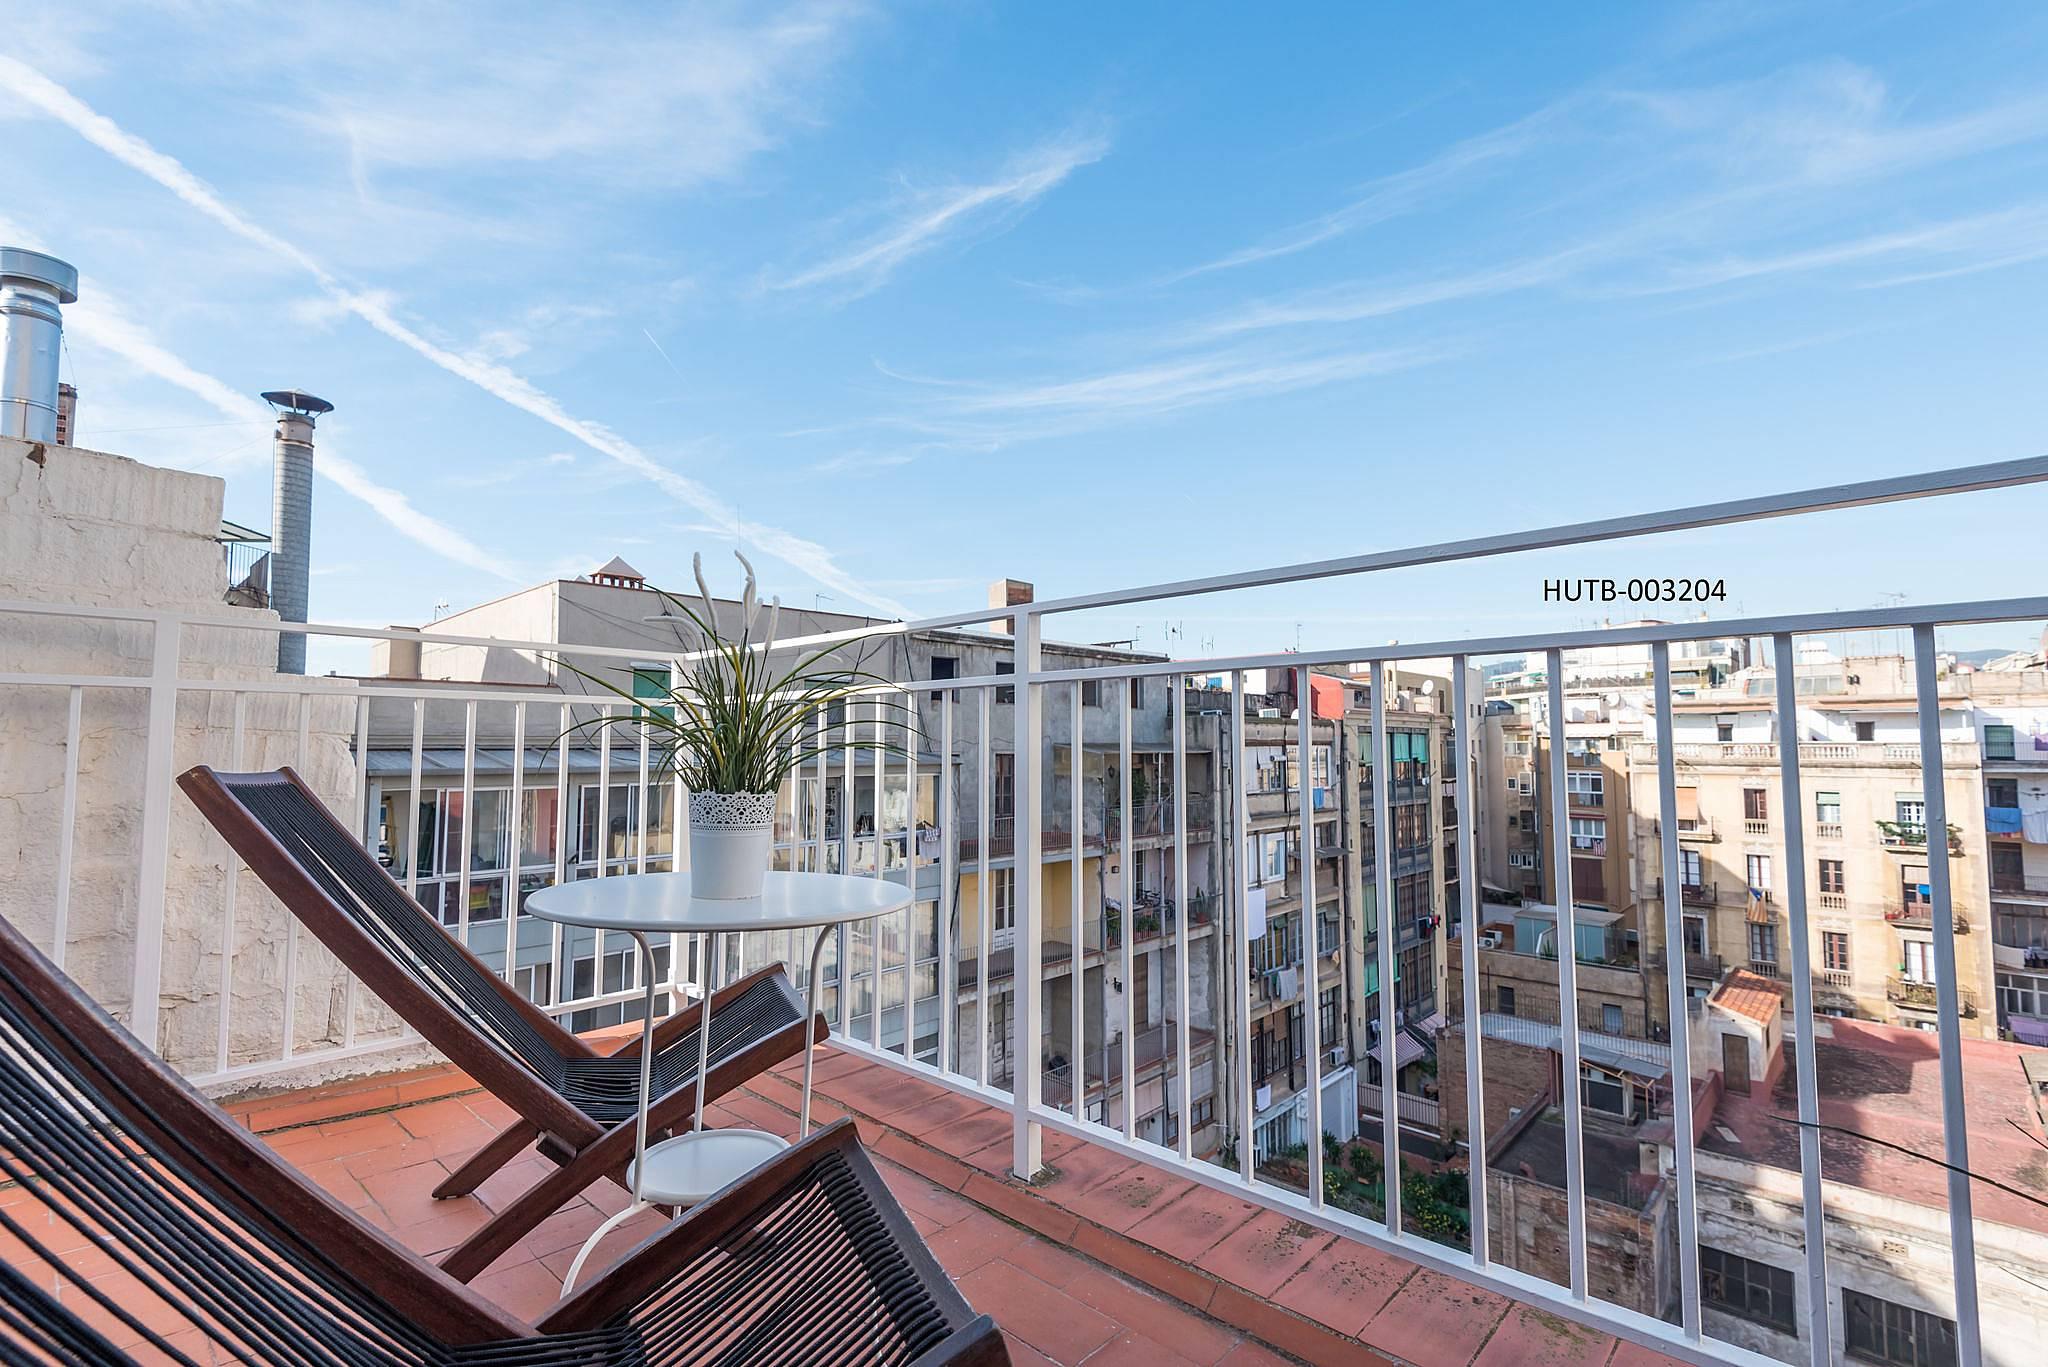 Appartement pour 4 personnes barcelone centre - Appartement de vacances barcelone mesura ...